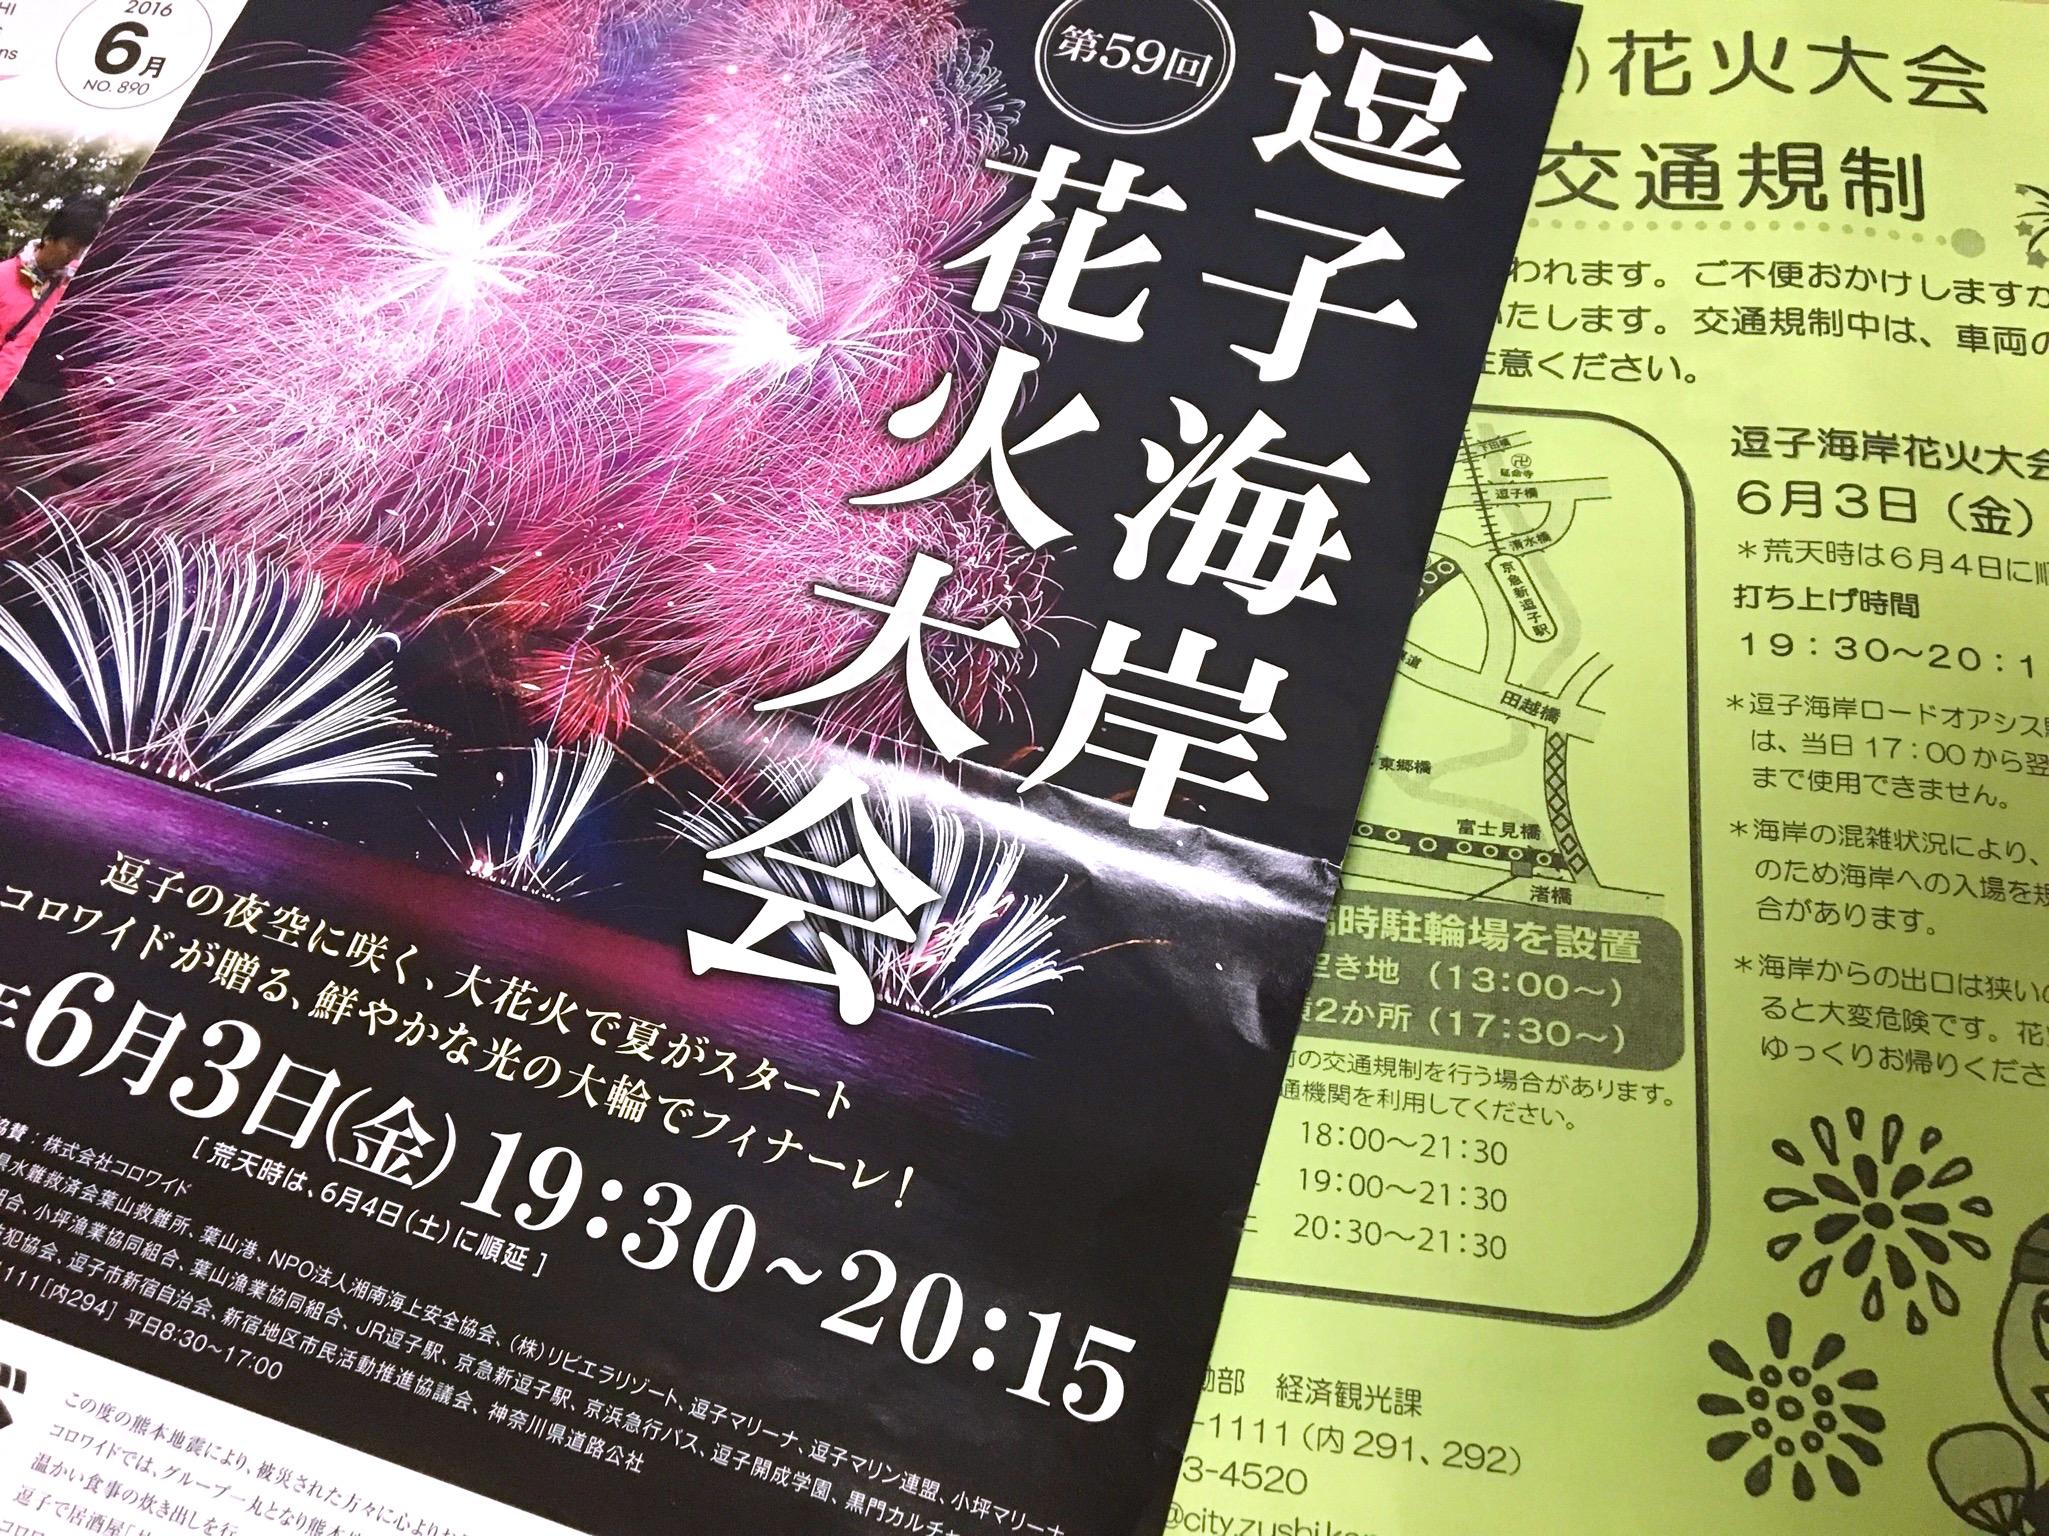 明日は花火大会&日曜はツール・ド・逗子〜広報ずしを「パブマガ」でチェック